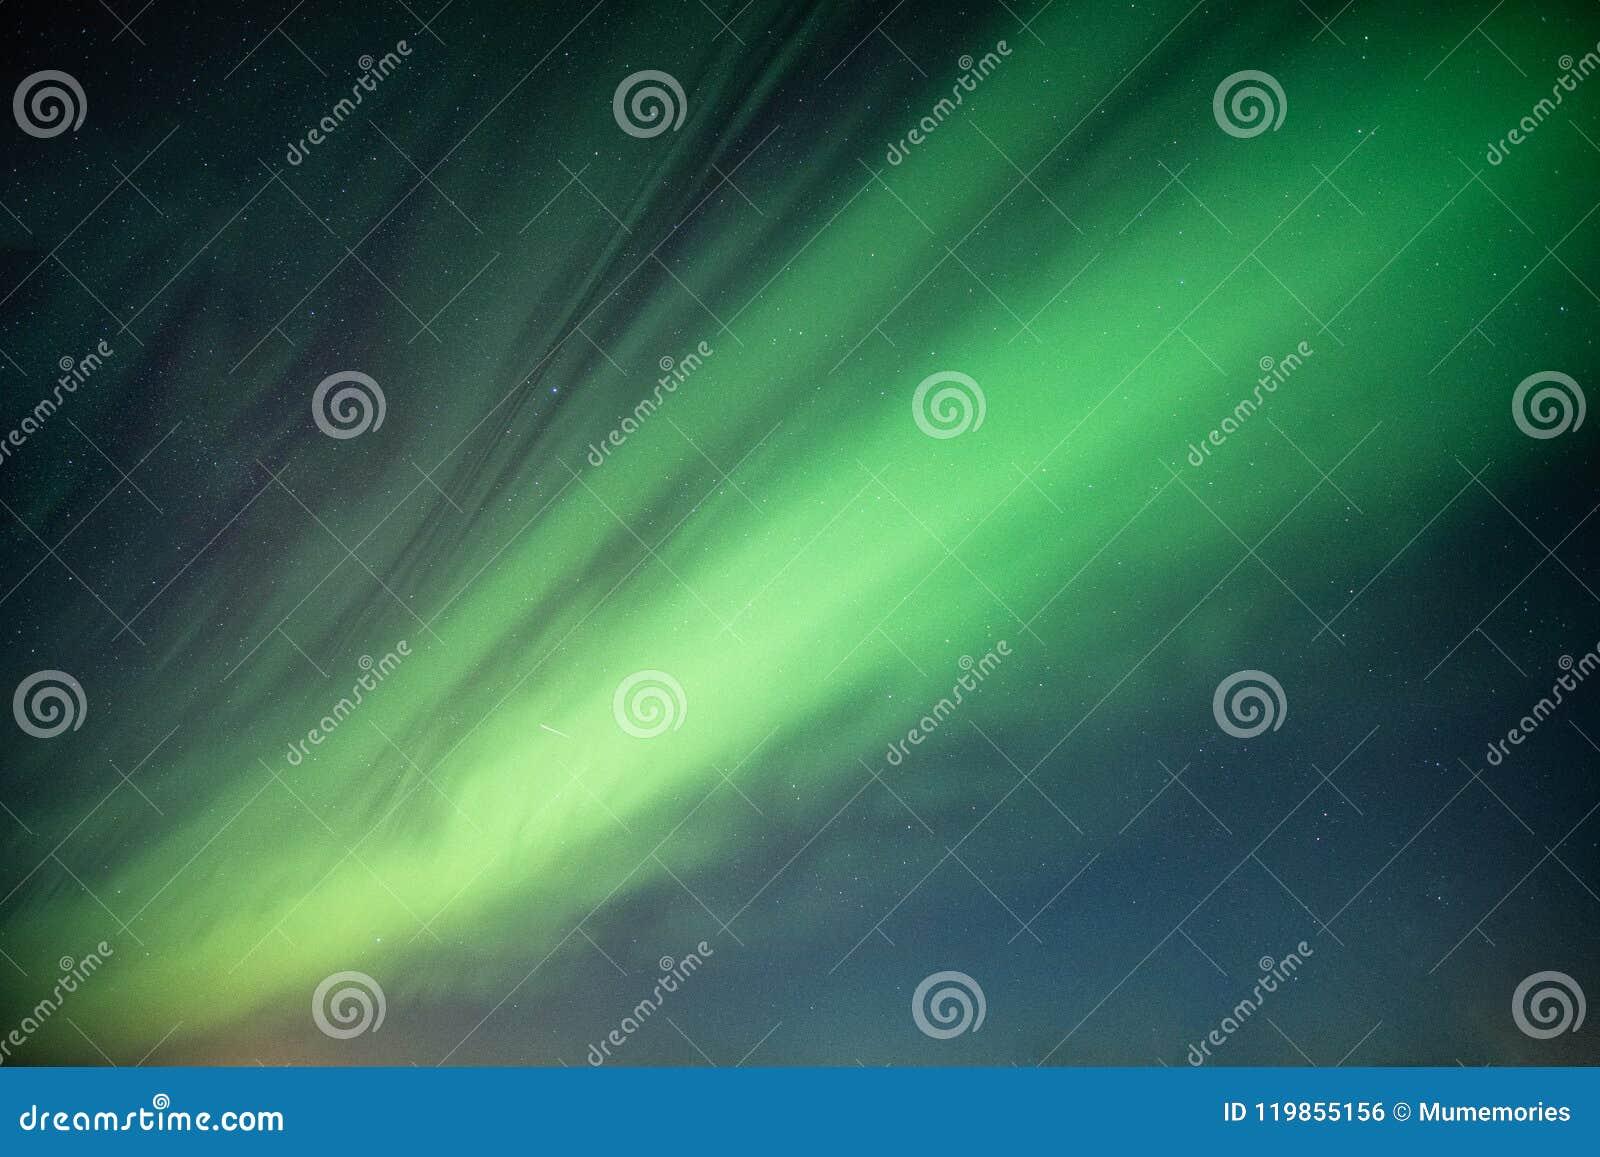 Belles lumières du nord, aurora borealis dansant sur le ciel nocturne